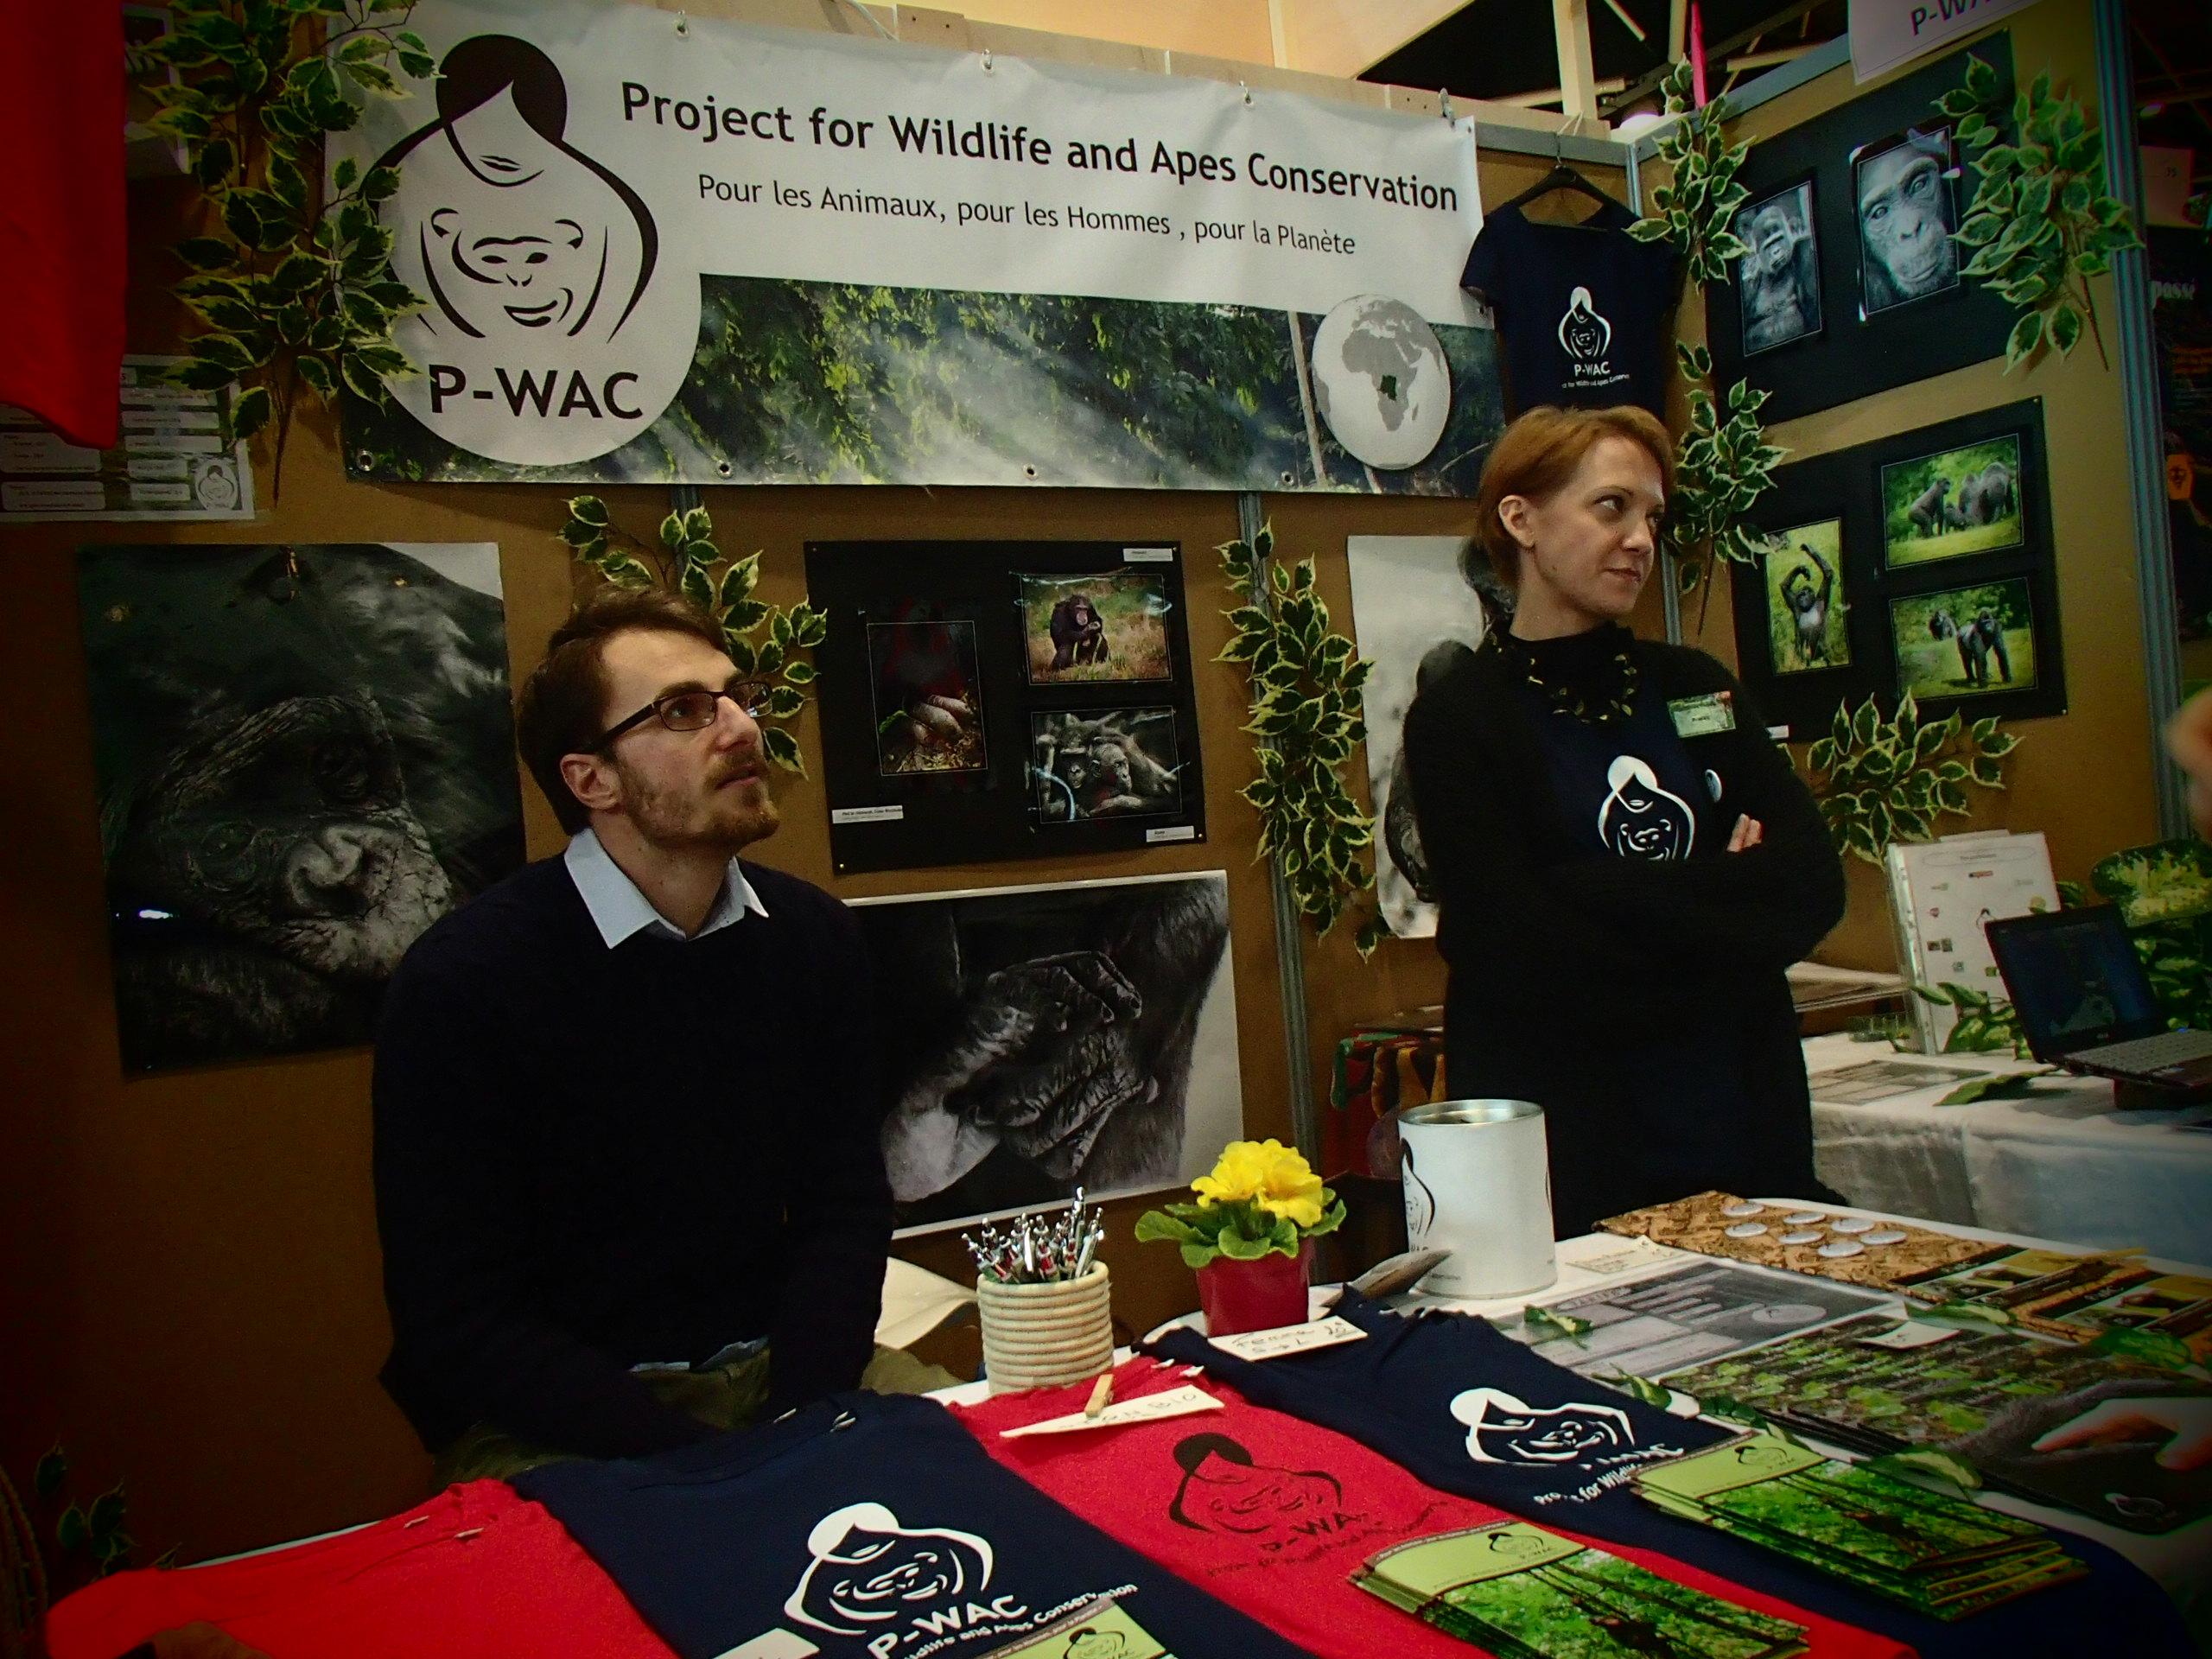 P wac presents its environmental mission at salon primevere - Salon primevere lyon ...